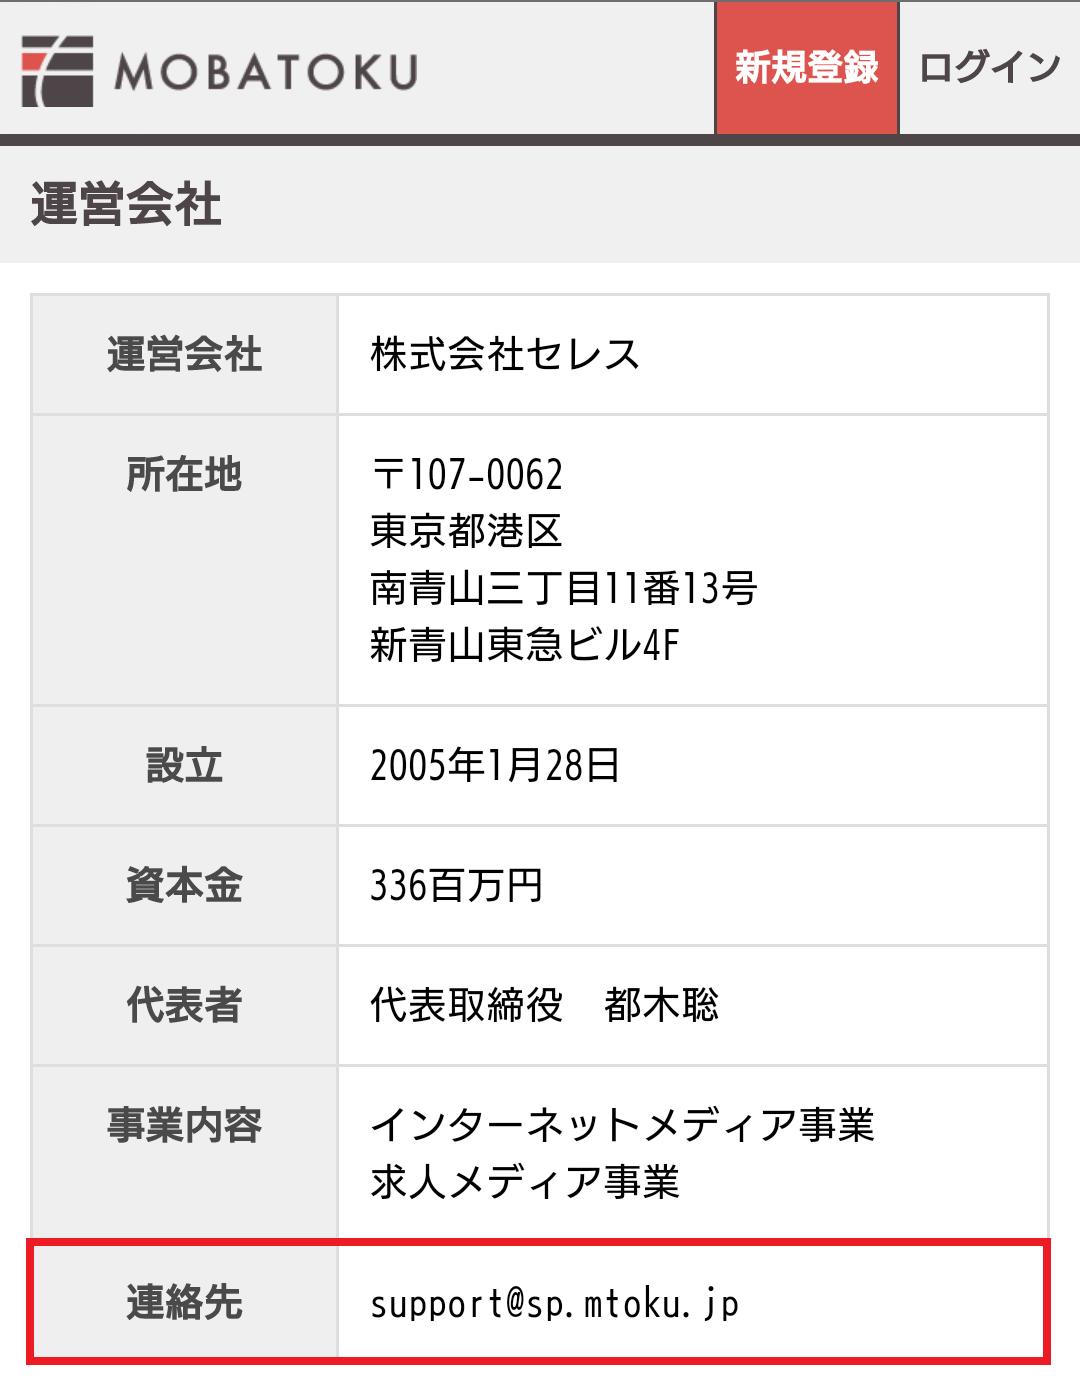 モバトク/運営会社/連絡先